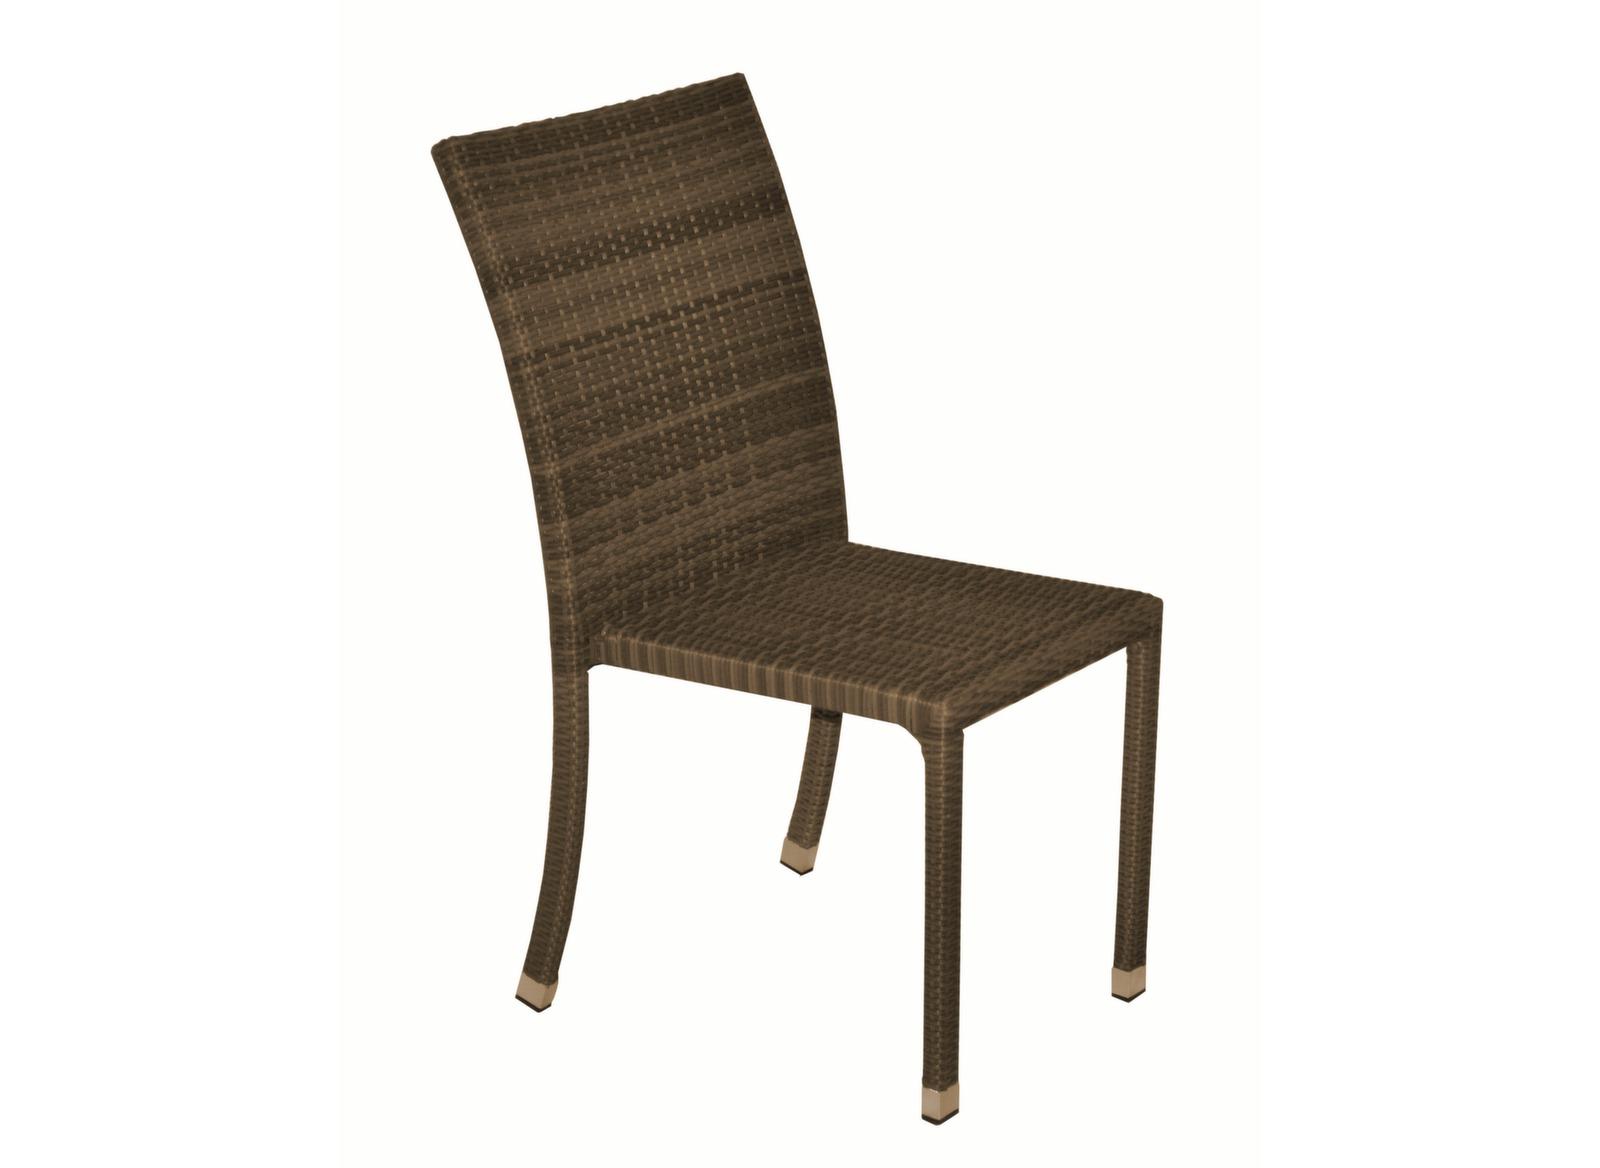 Chaise tango metis soldes meubles de jardin pour le for Meubles jardin soldes